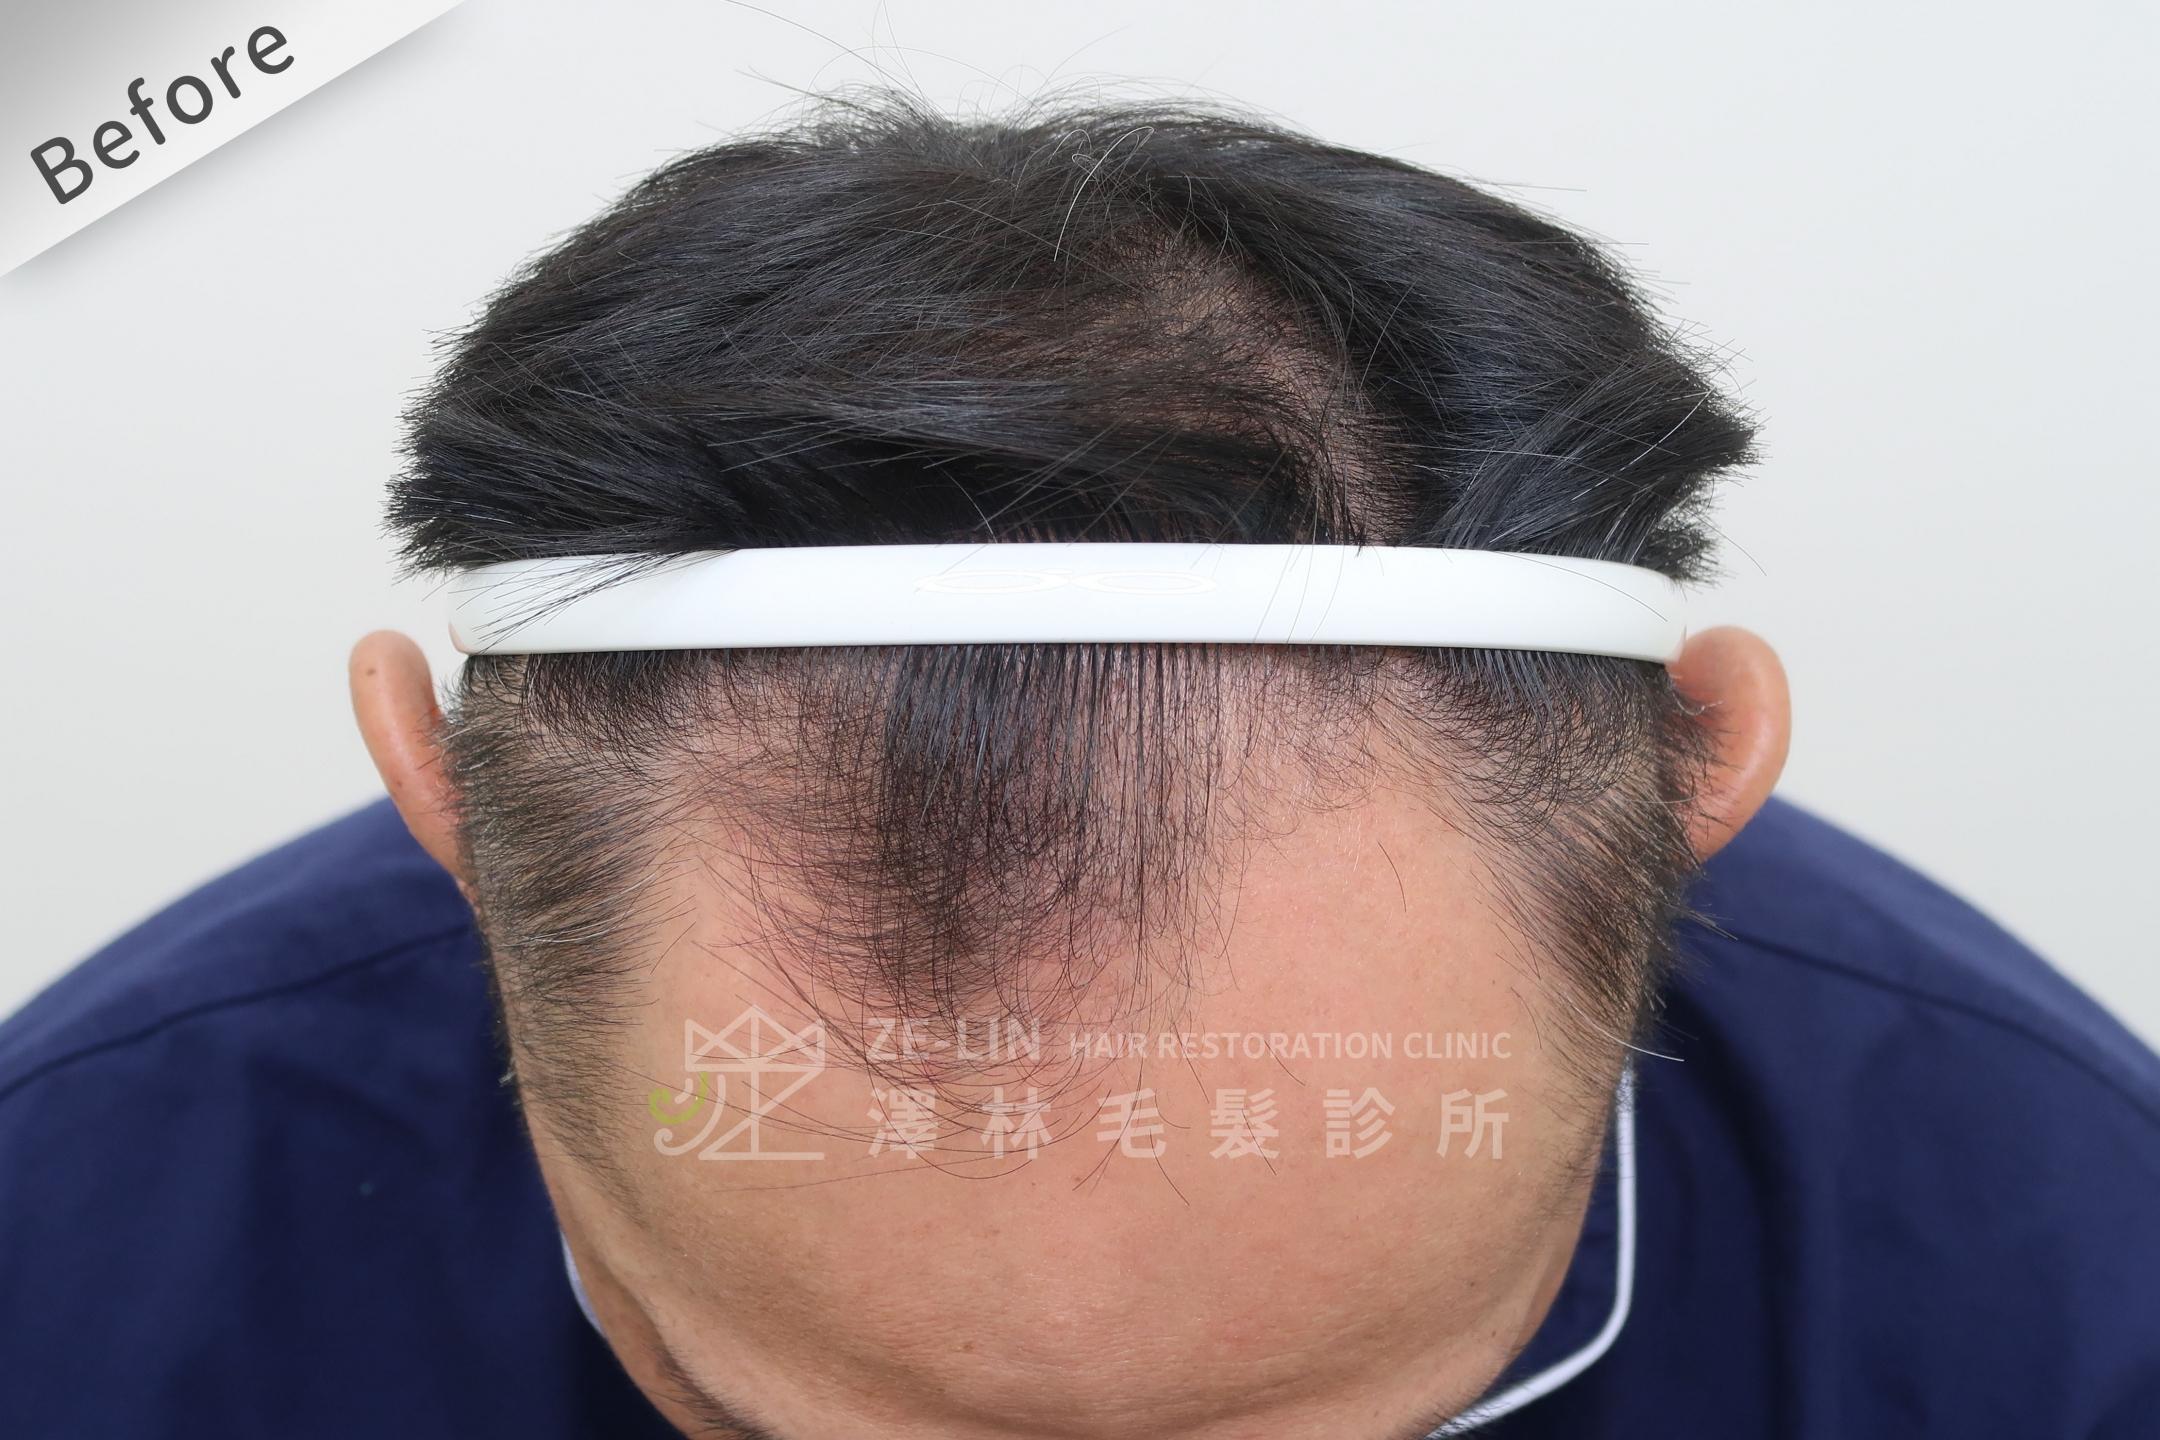 M型禿植髮案例心得分享術前6-1